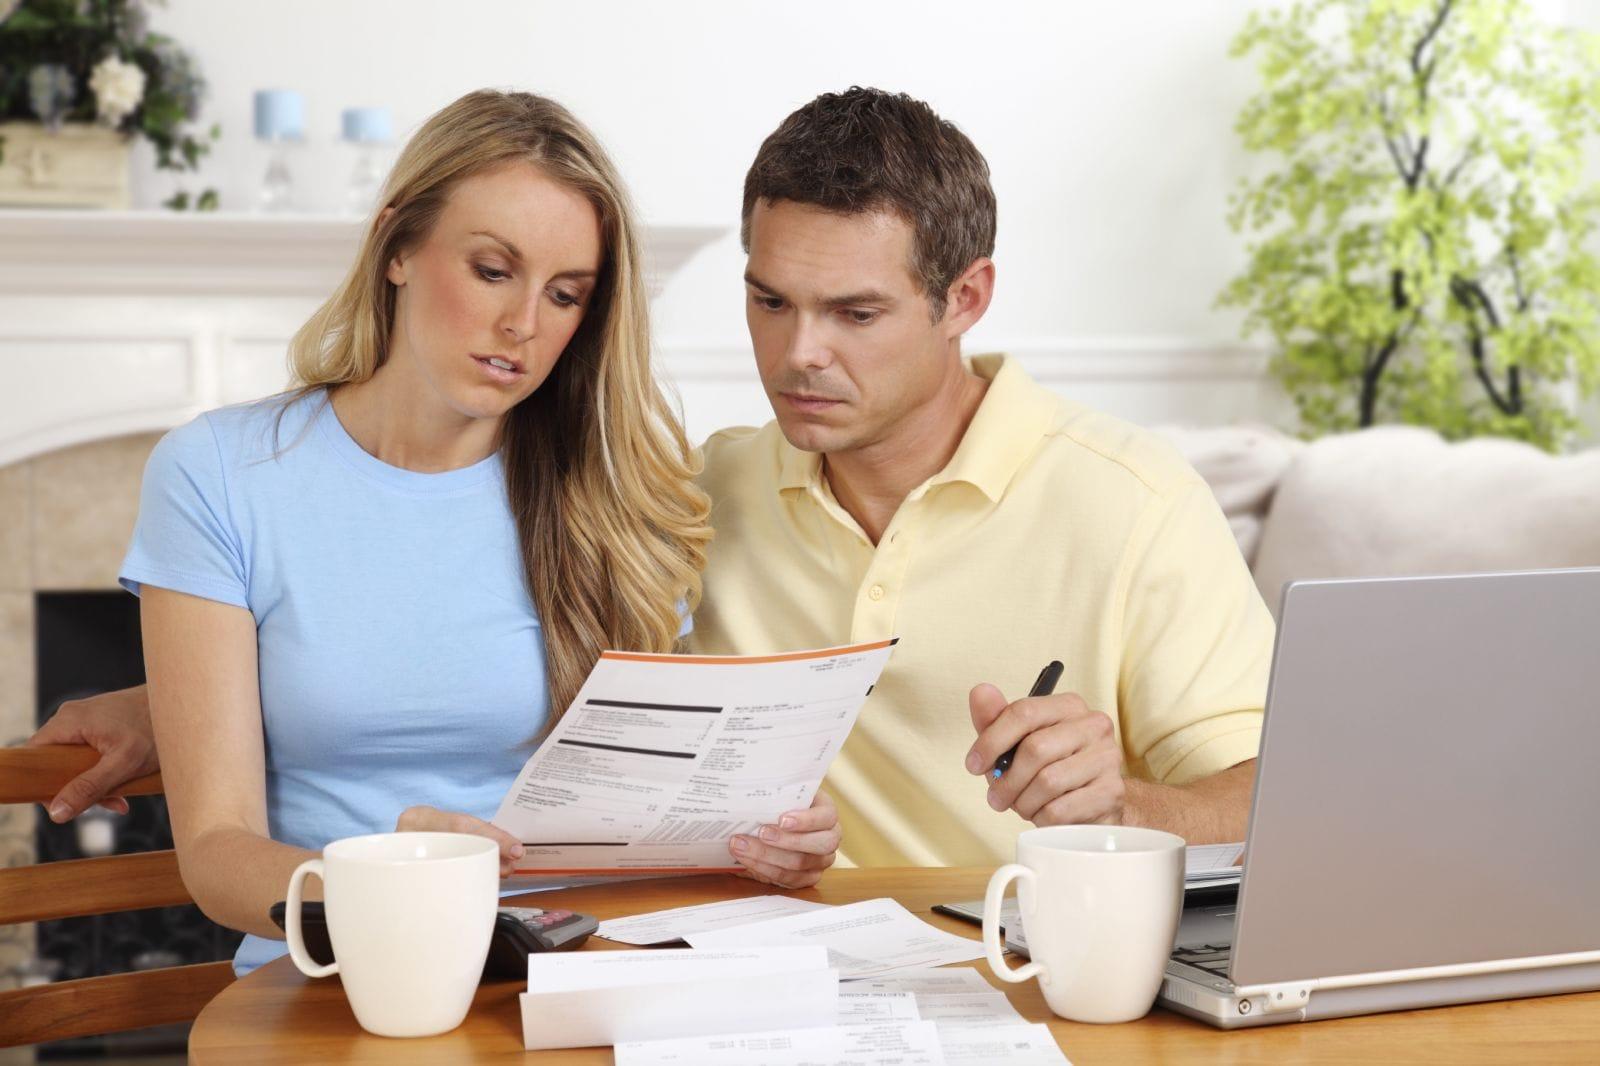 Заработок на консультациях - Консультации за деньги. Платный консалтинг в Интернете